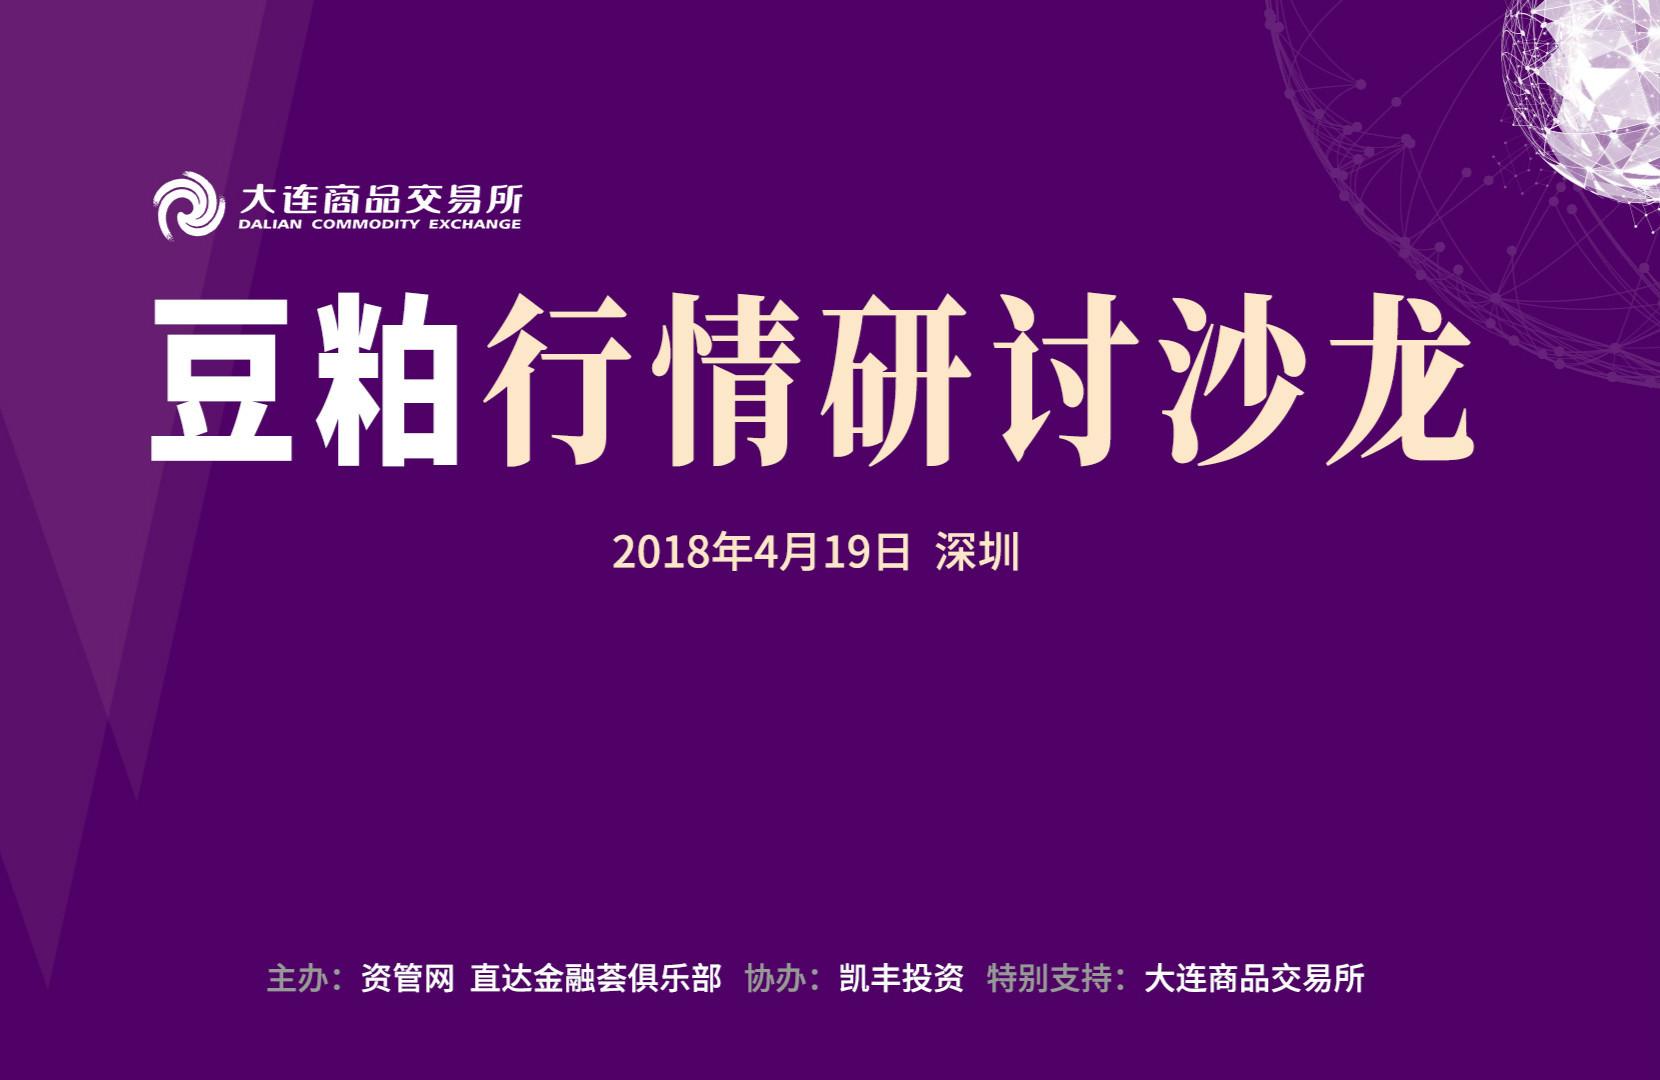 2018豆粕行情研讨沙龙